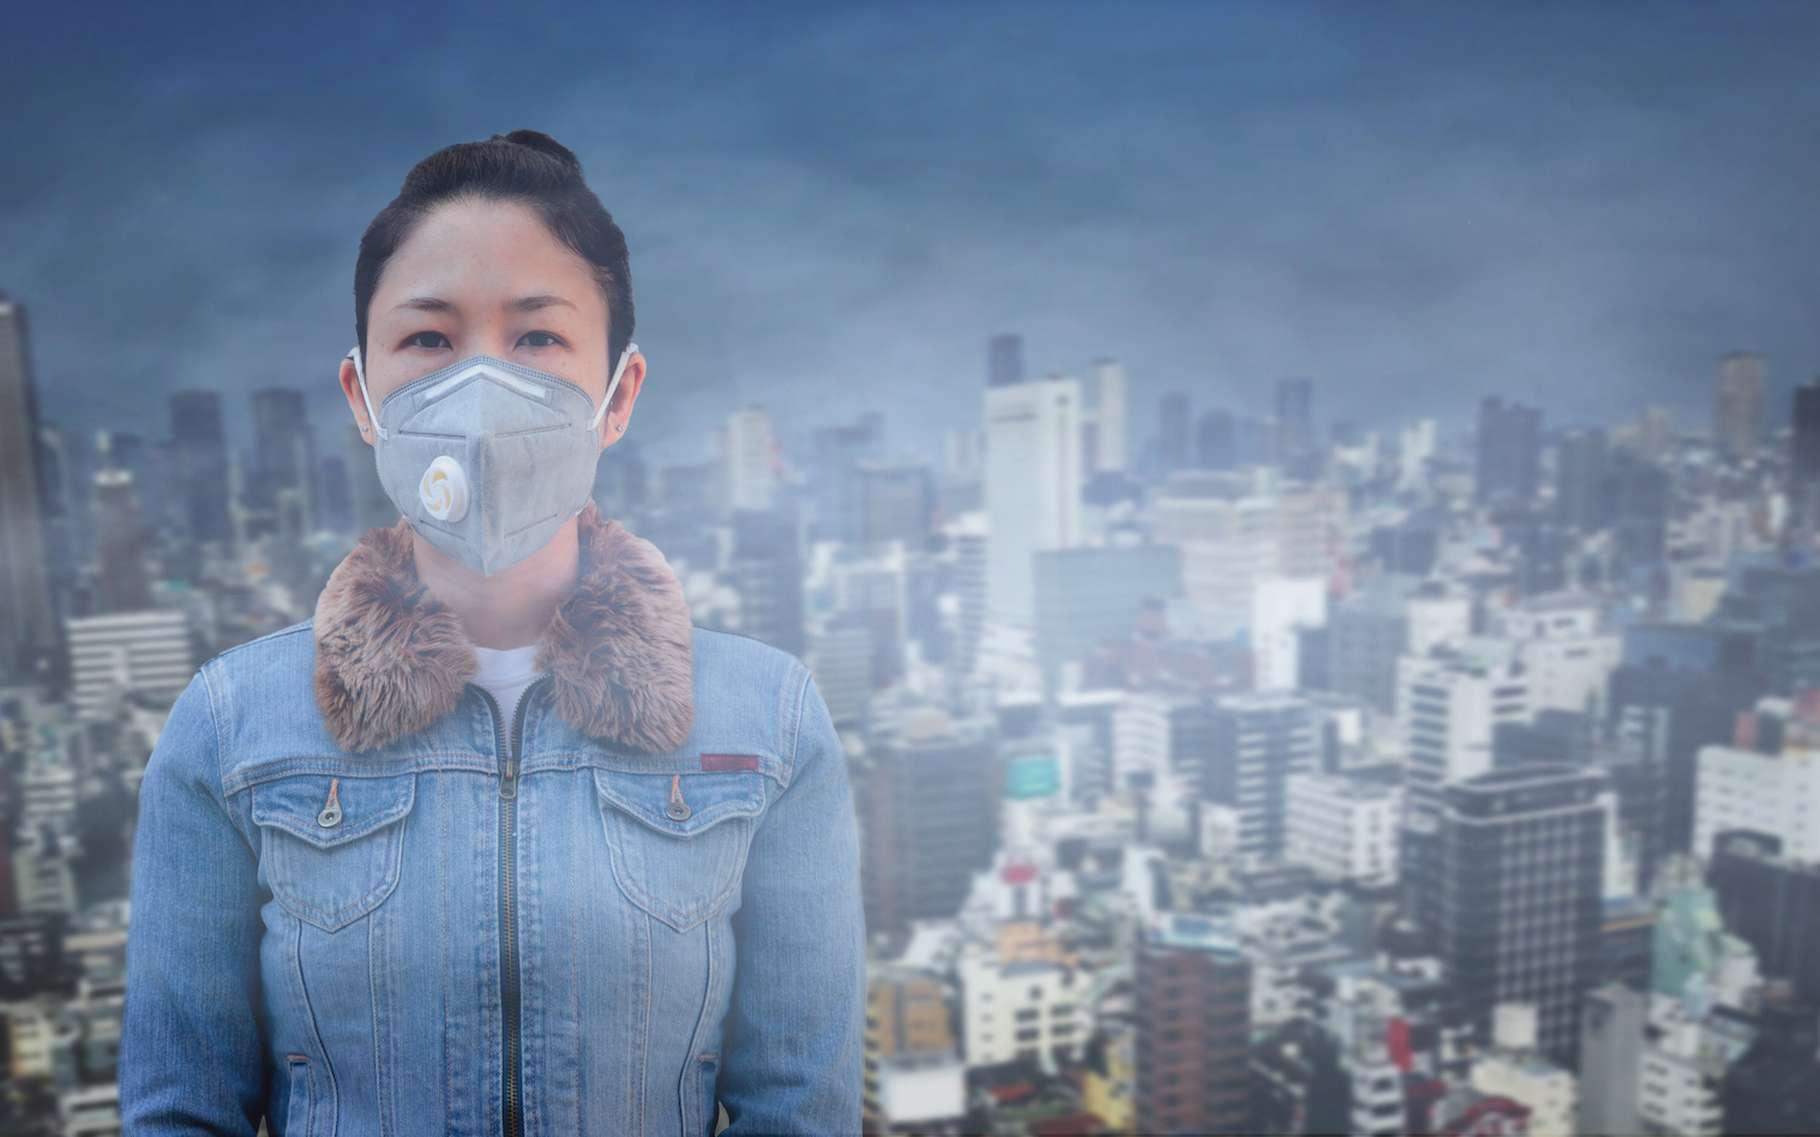 La pollution de l'air responsable de fausses couches silencieuses